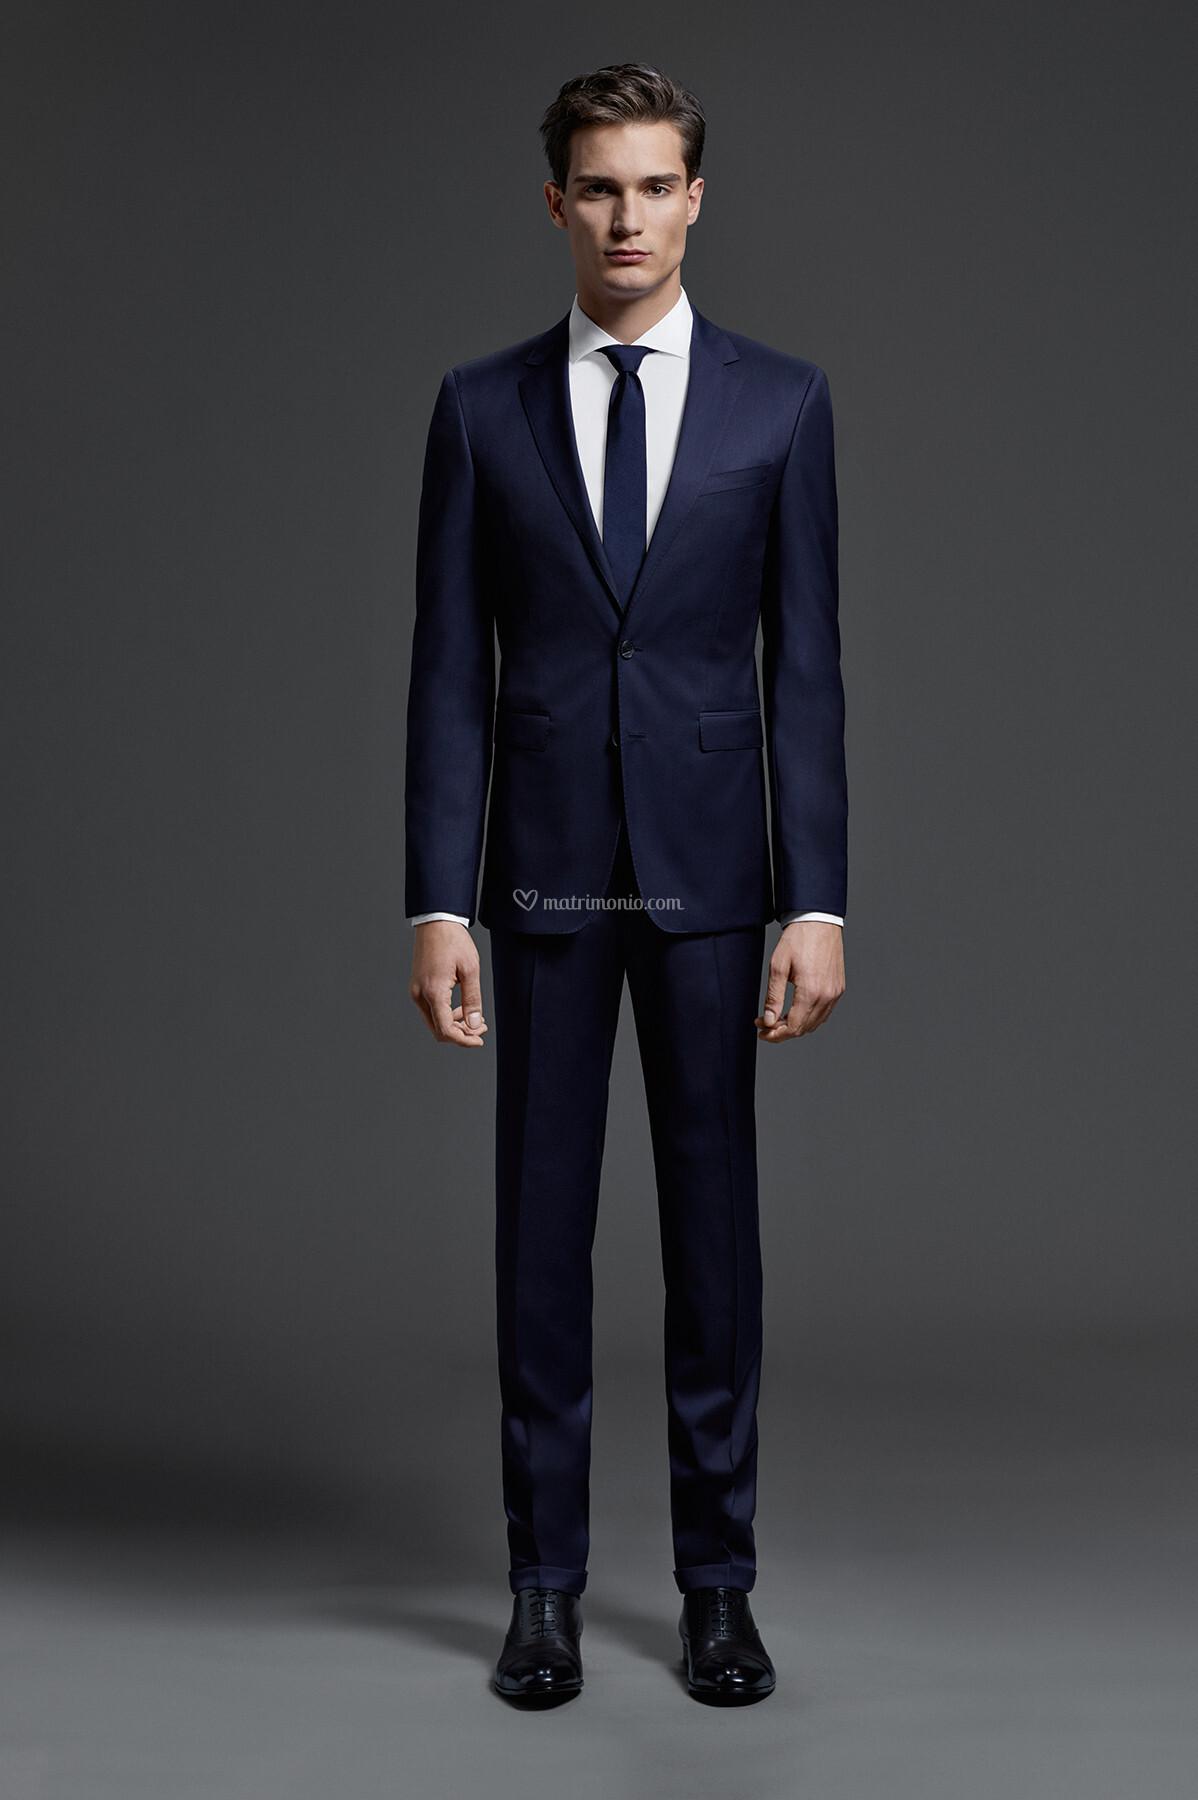 Abiti Cerimonia Hugo Boss.Vestiti Da Sposo Di Hugo Boss Hb 007 Matrimonio Com